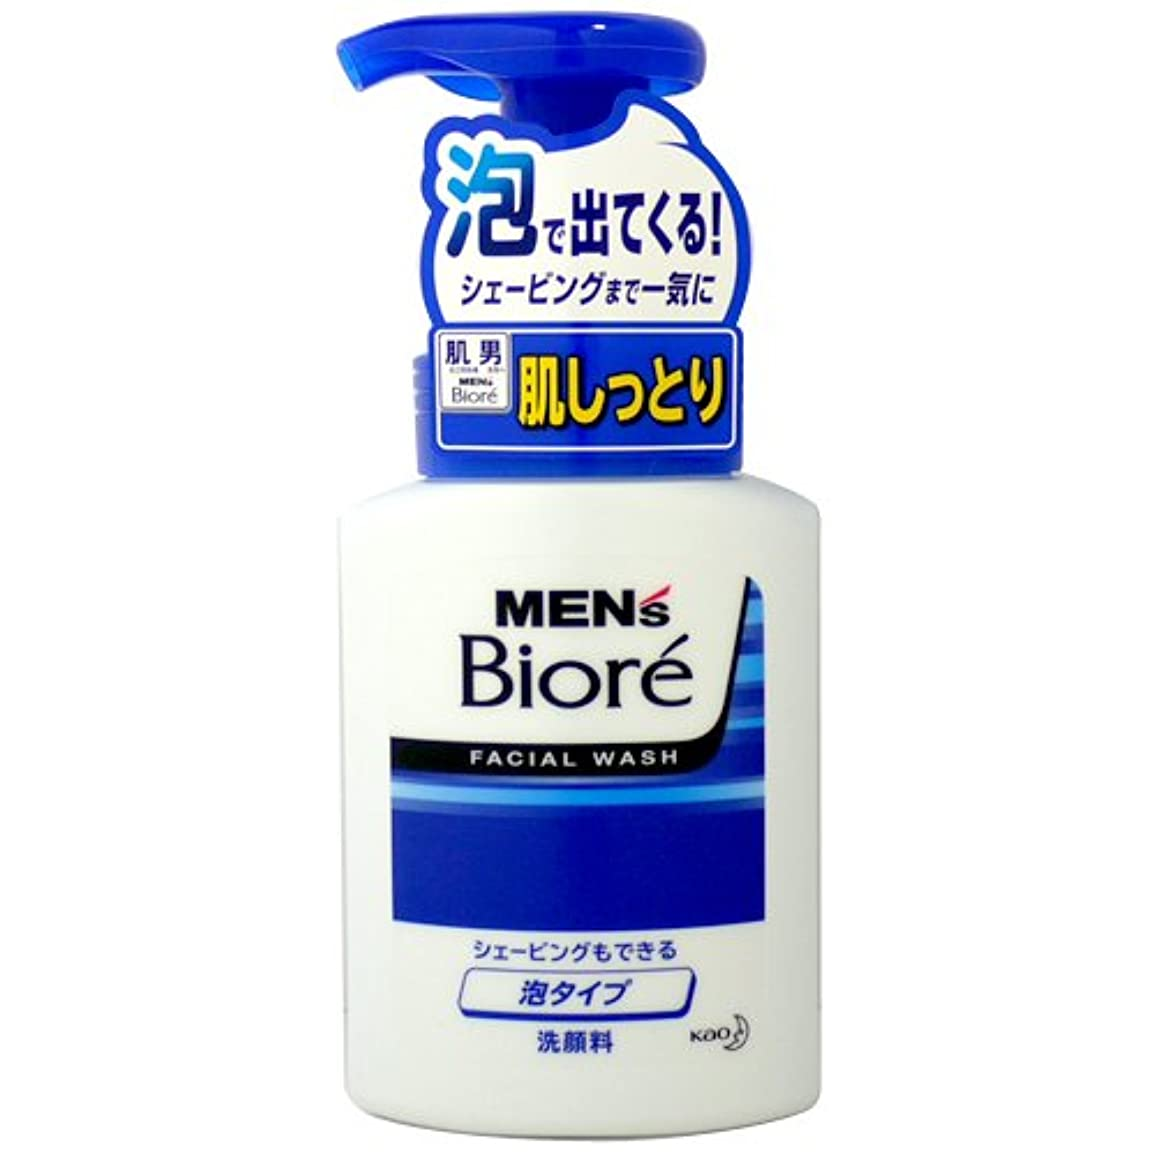 不要広告するスリチンモイ【花王】メンズビオレ 泡タイプ洗顔 150ml